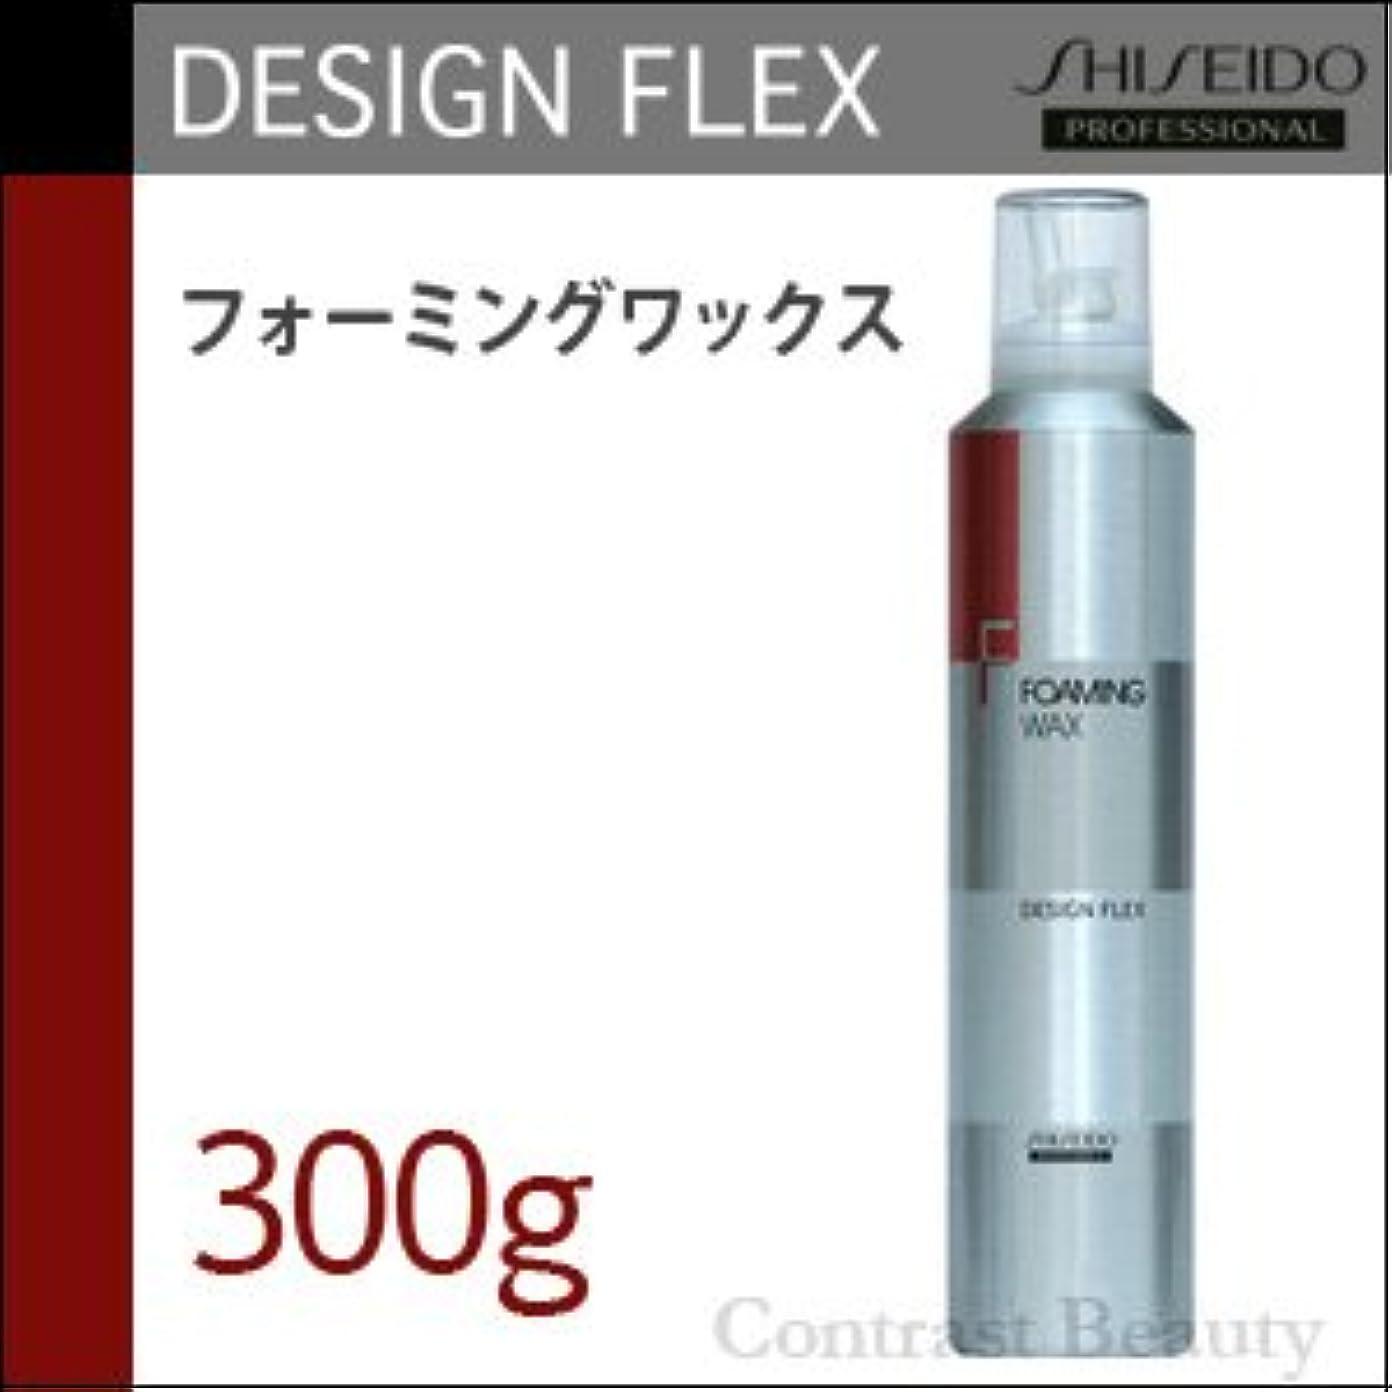 心理的ダイアクリティカル民間【x5個セット】 資生堂 デザインフレックス フォーミングワックス 300g